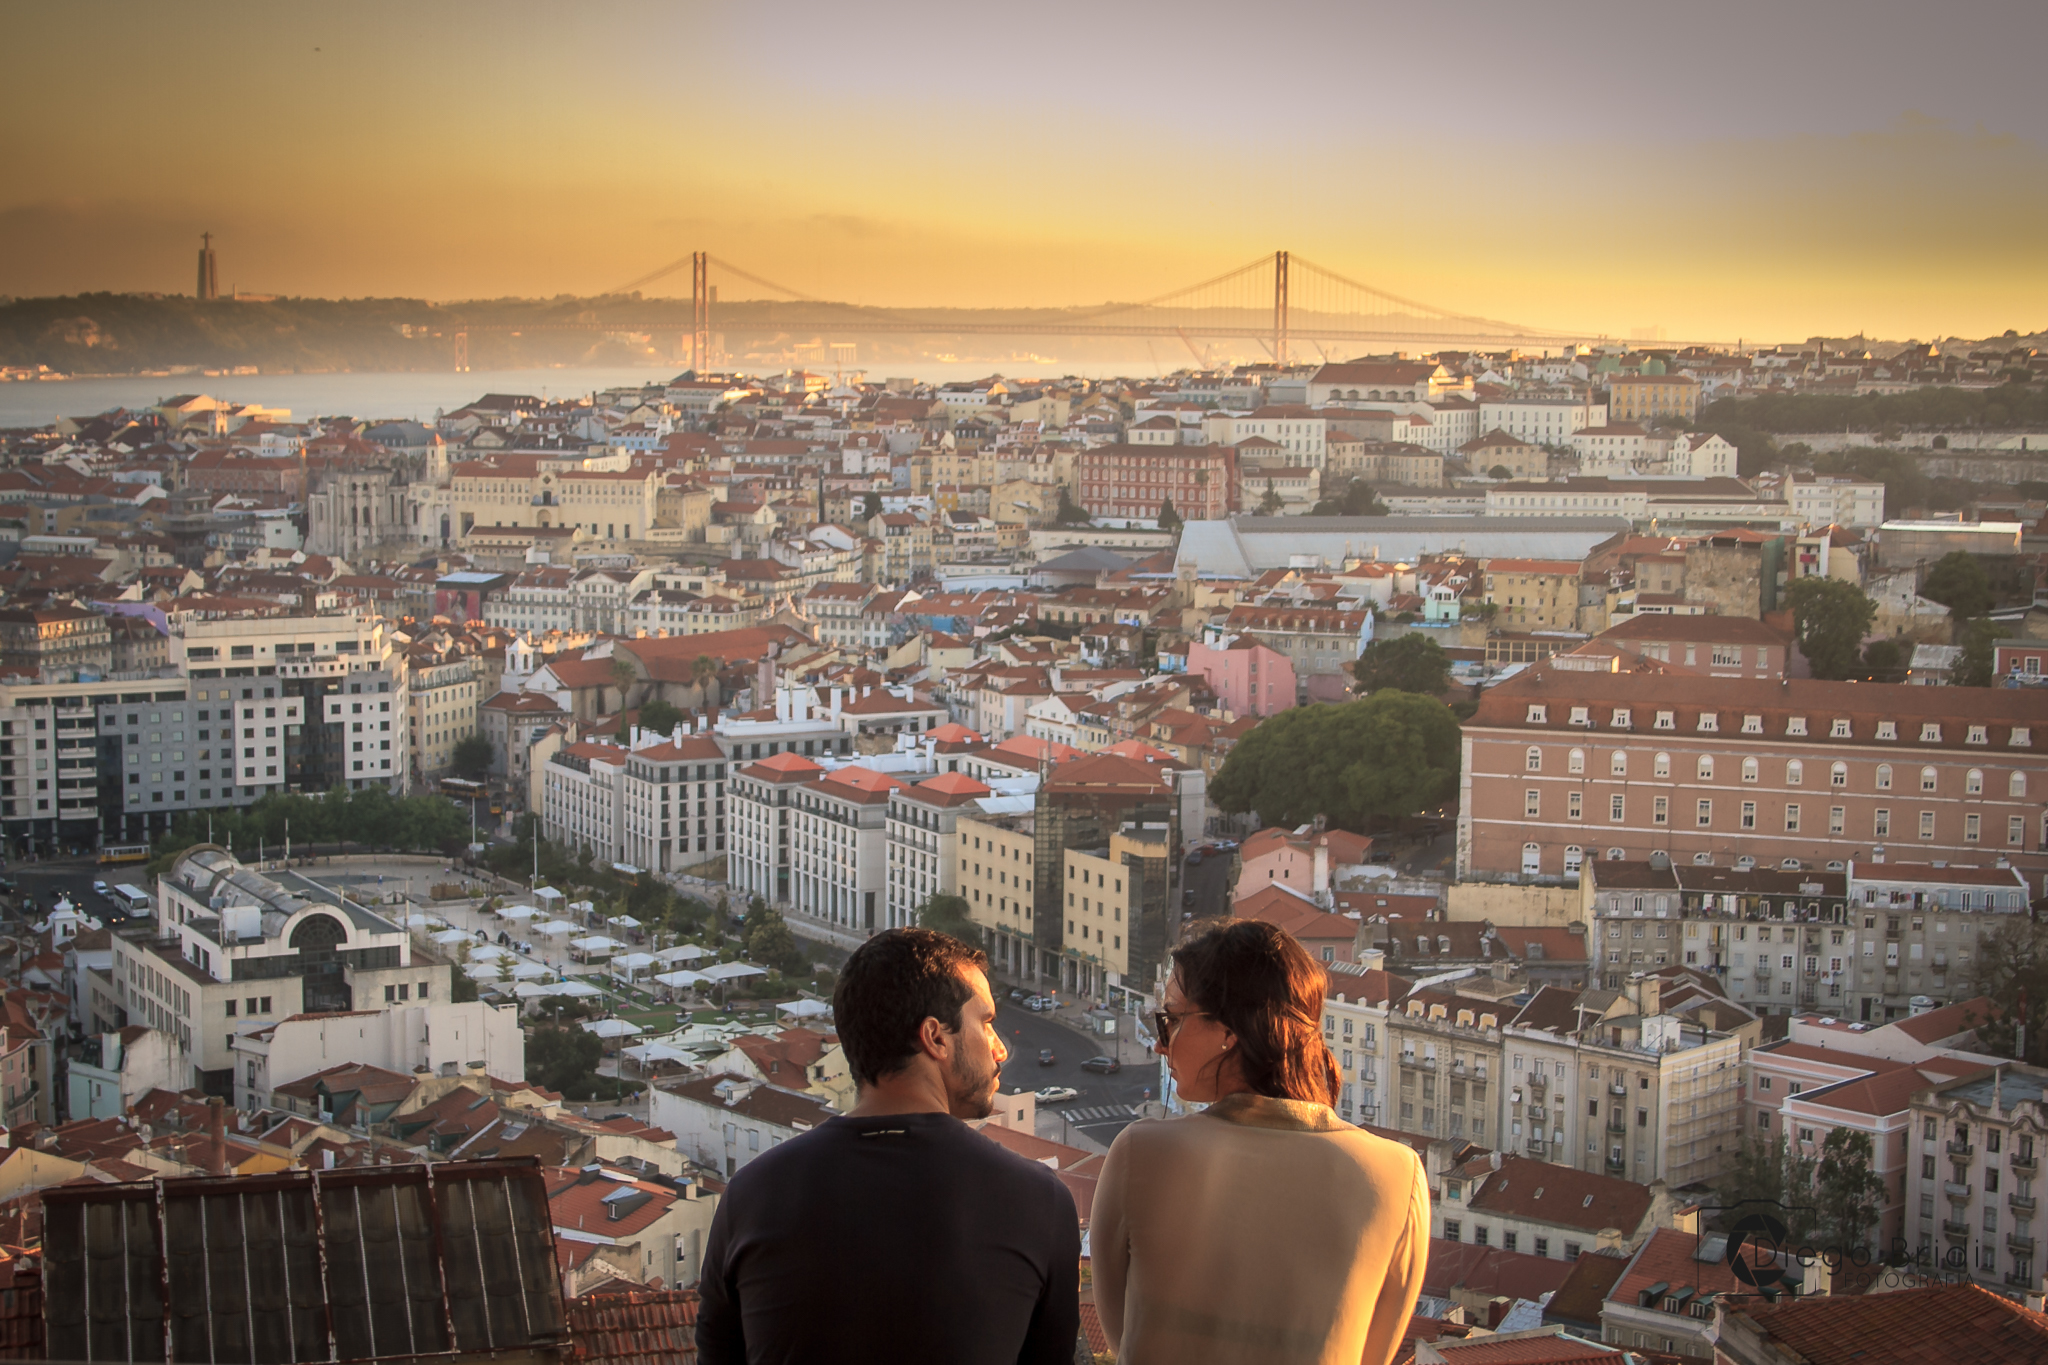 Contate Fotógrafo de Casamentos em Lisboa - Fotografia de casamento - Destination Wedding Photographer Portugal - fotógrafo brasileiro em portugal  Diego Bridi - Ensaio fotográfico Lisboa